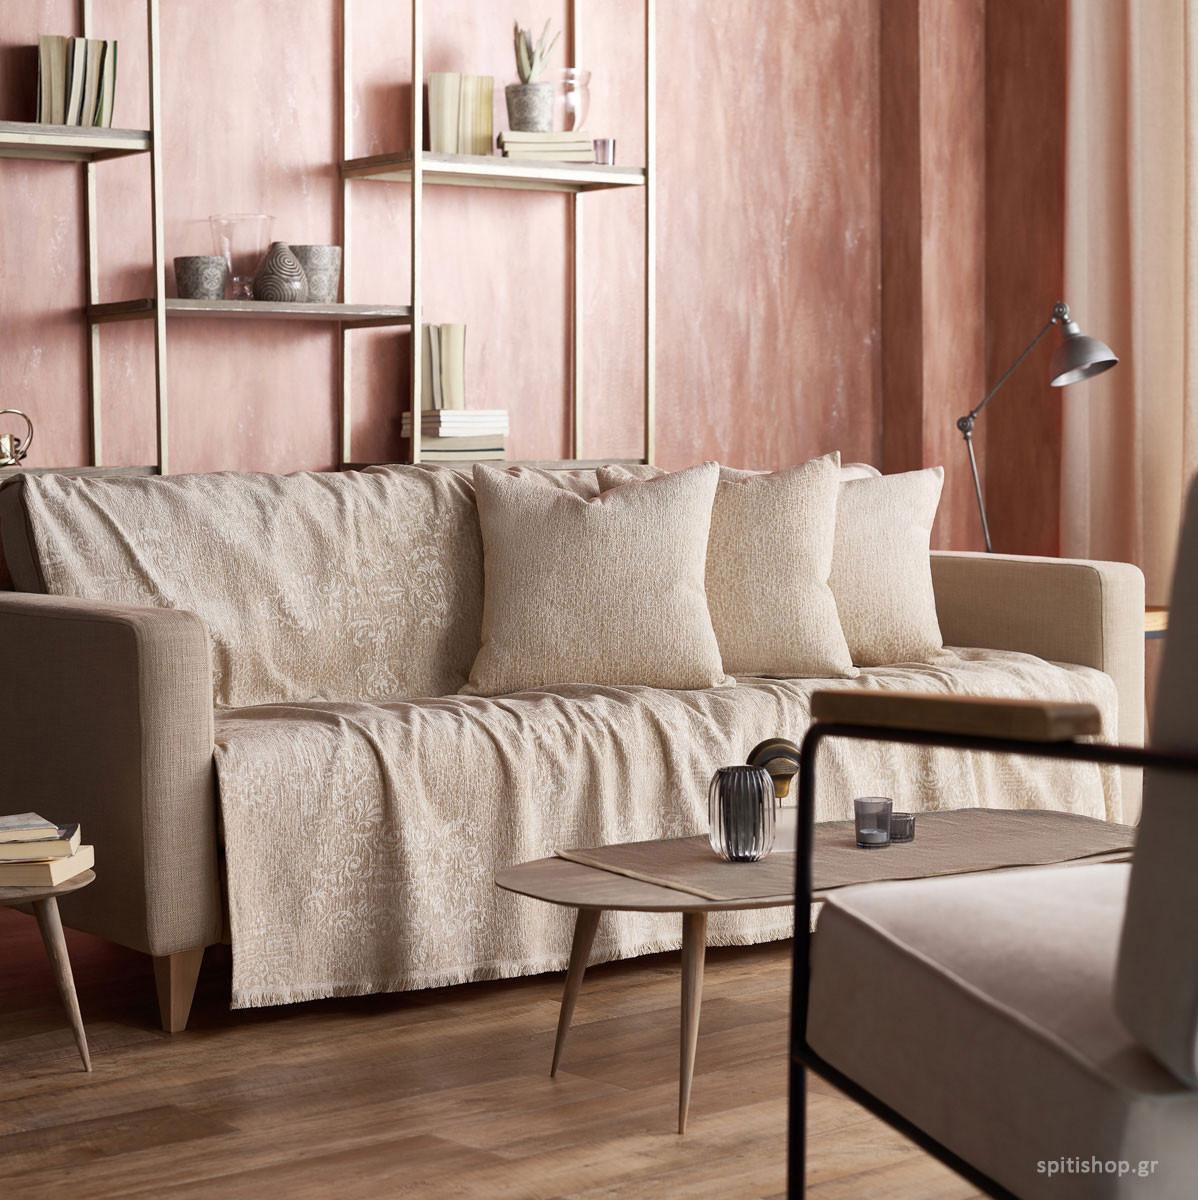 Ριχτάρι Διθέσιου (180x250) Gofis Home Rustic Ecru 948/05